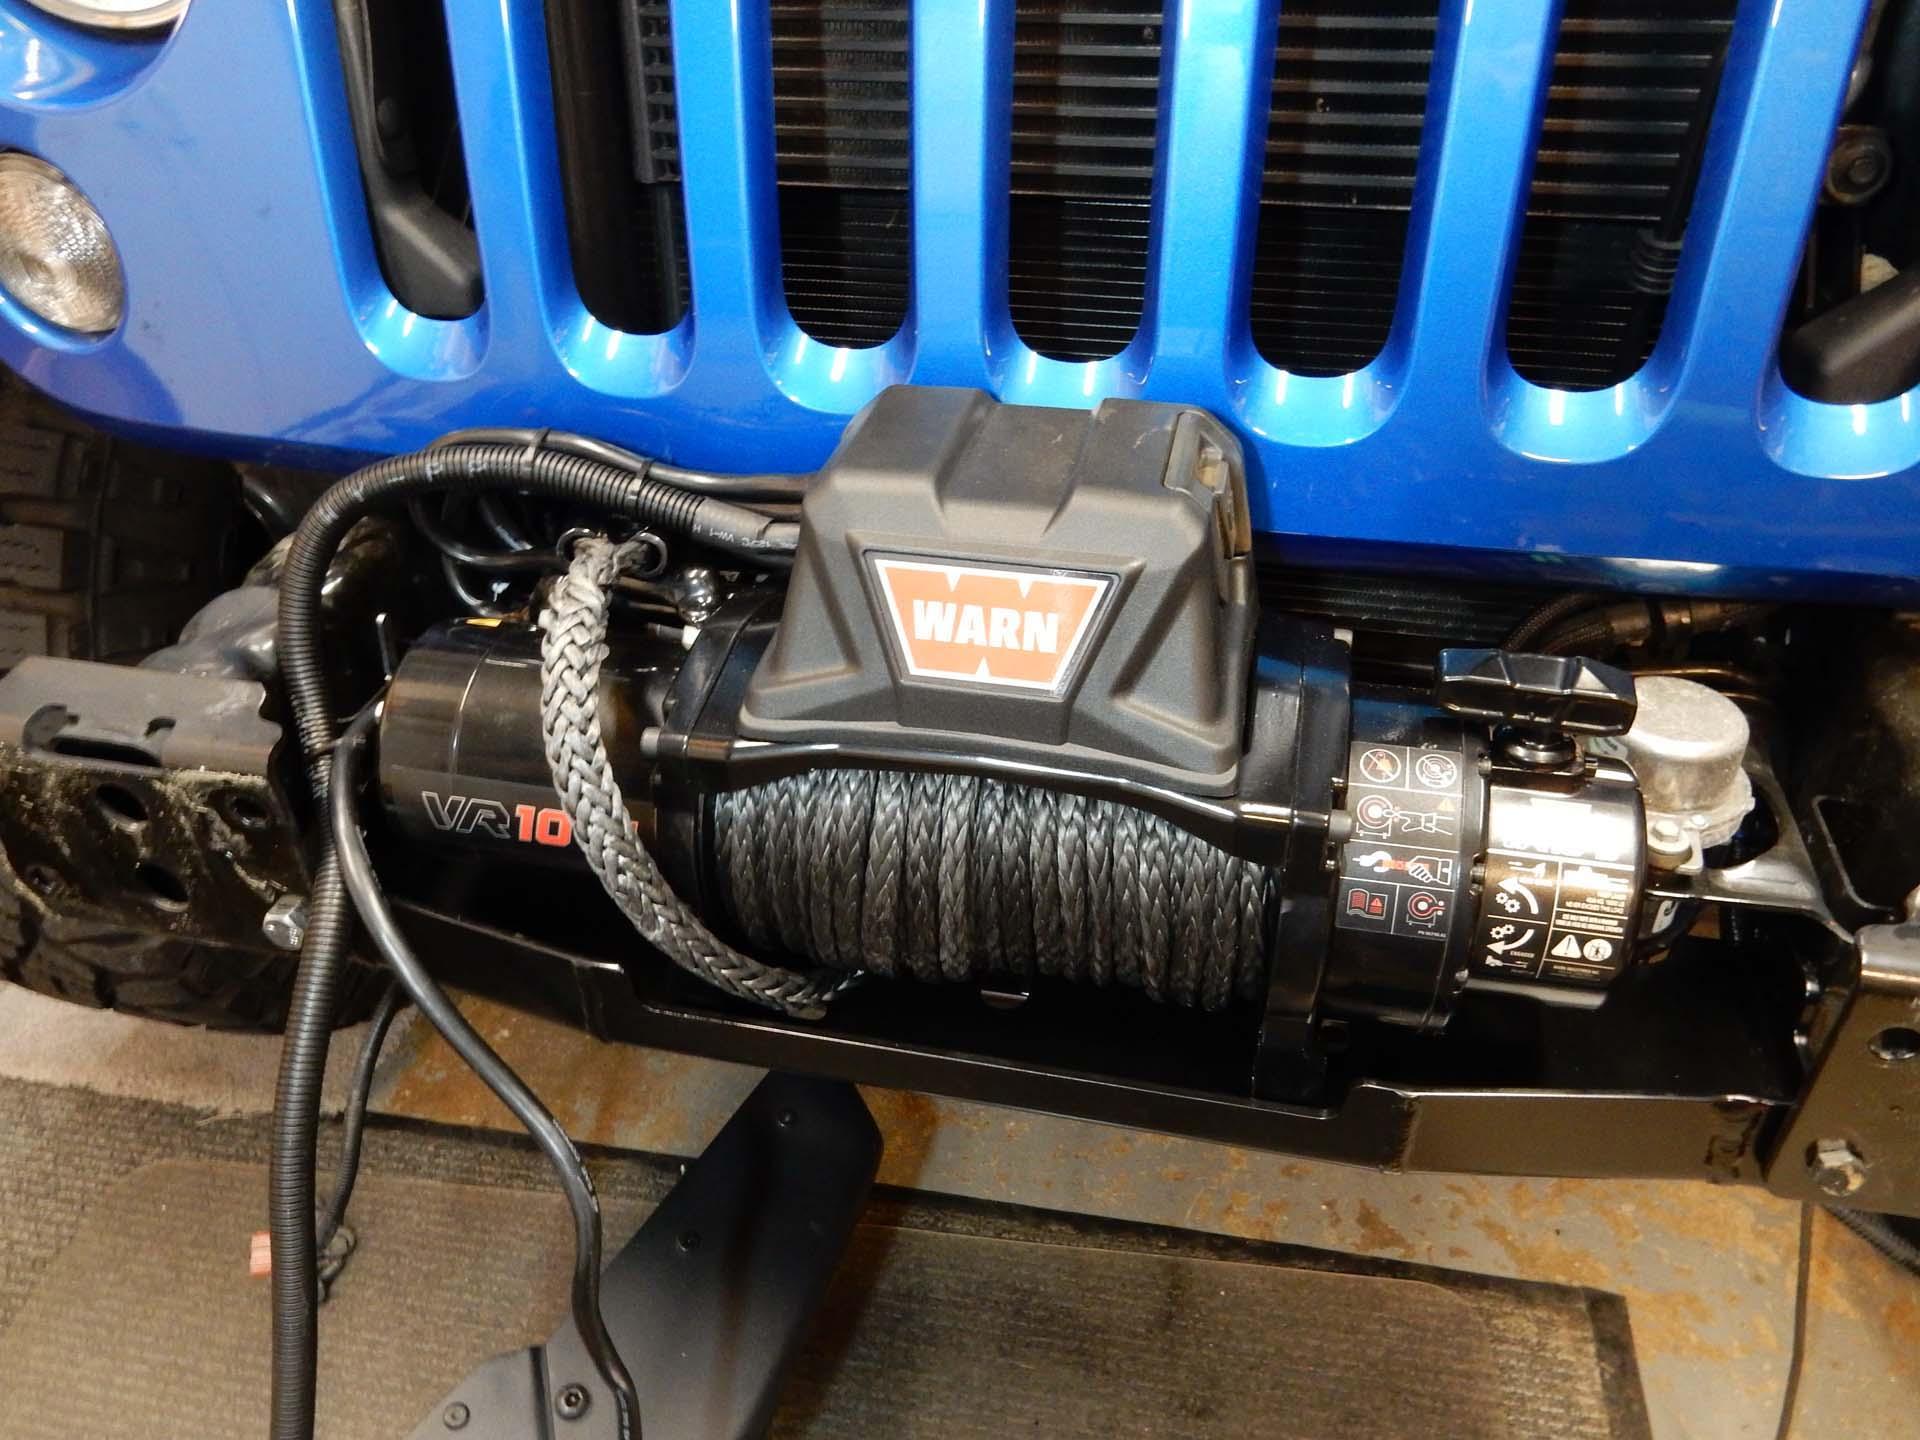 Warn VR10-S Winch Installation on a Wrangler JK | jeepfan.com